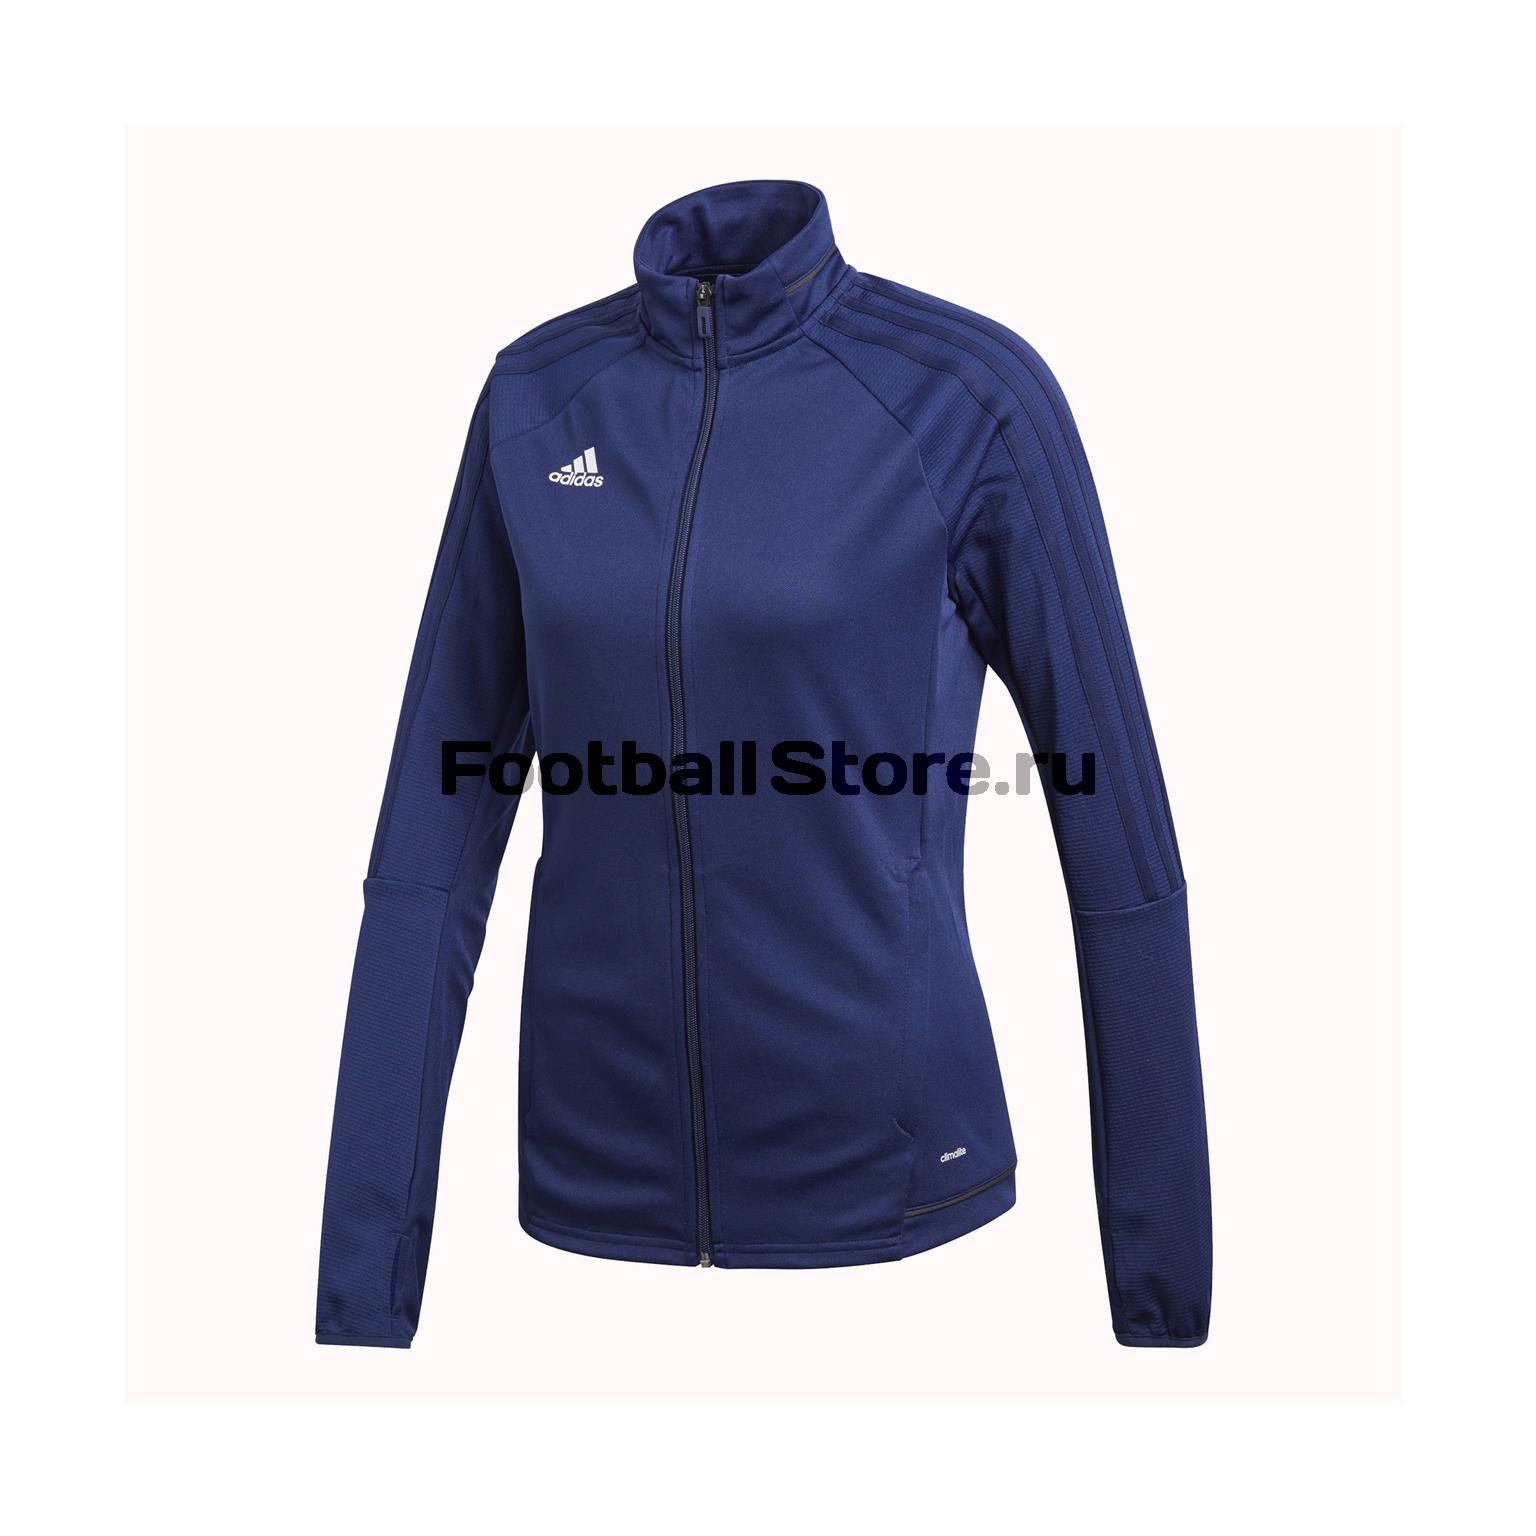 купить Олимпийка женская Adidas Tiro17 BQ8248 по цене 2299 рублей